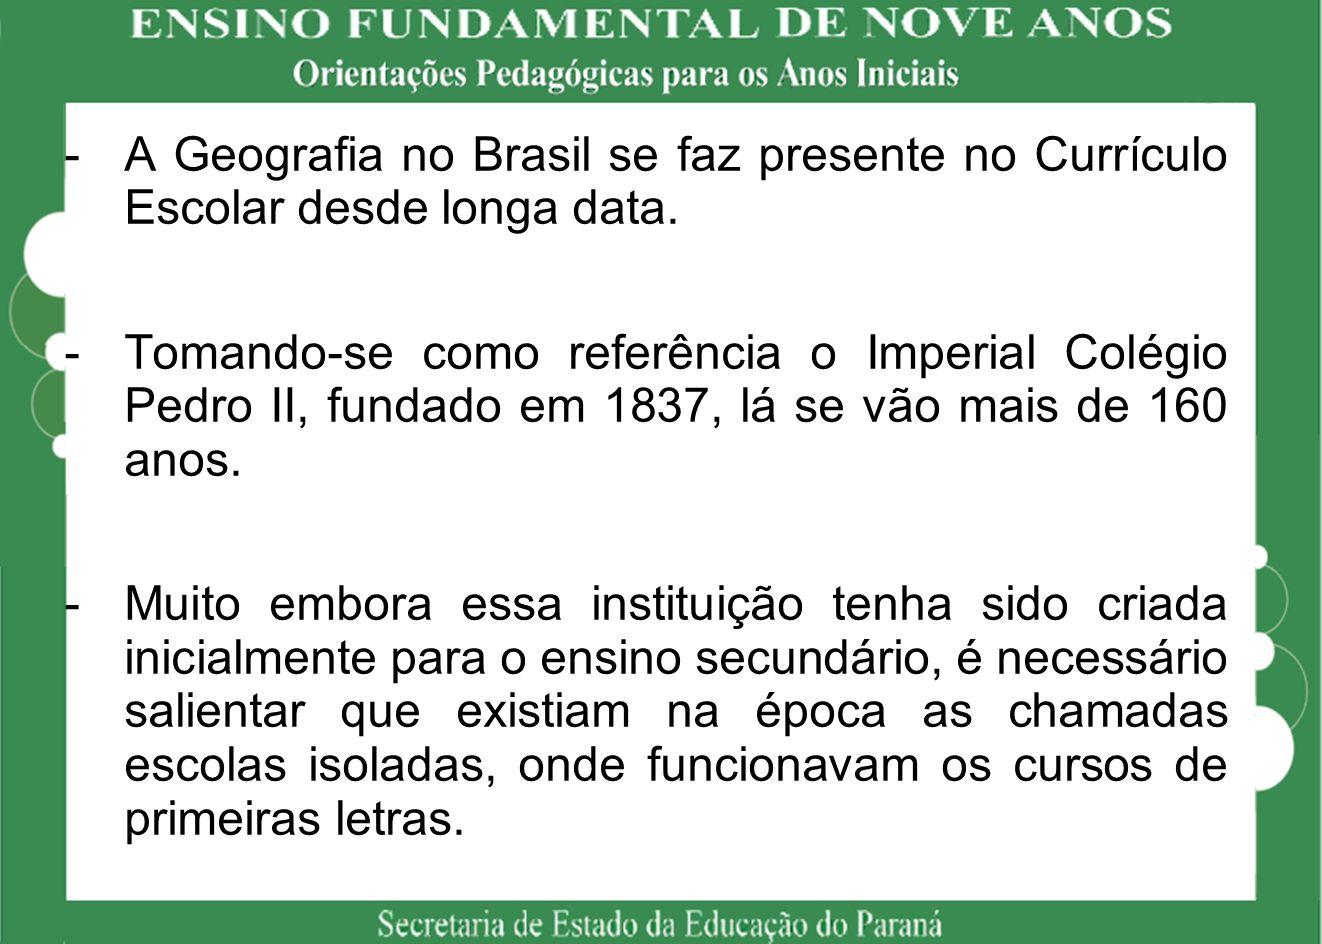 -A Geografia no Brasil se faz presente no Currículo Escolar desde longa data.